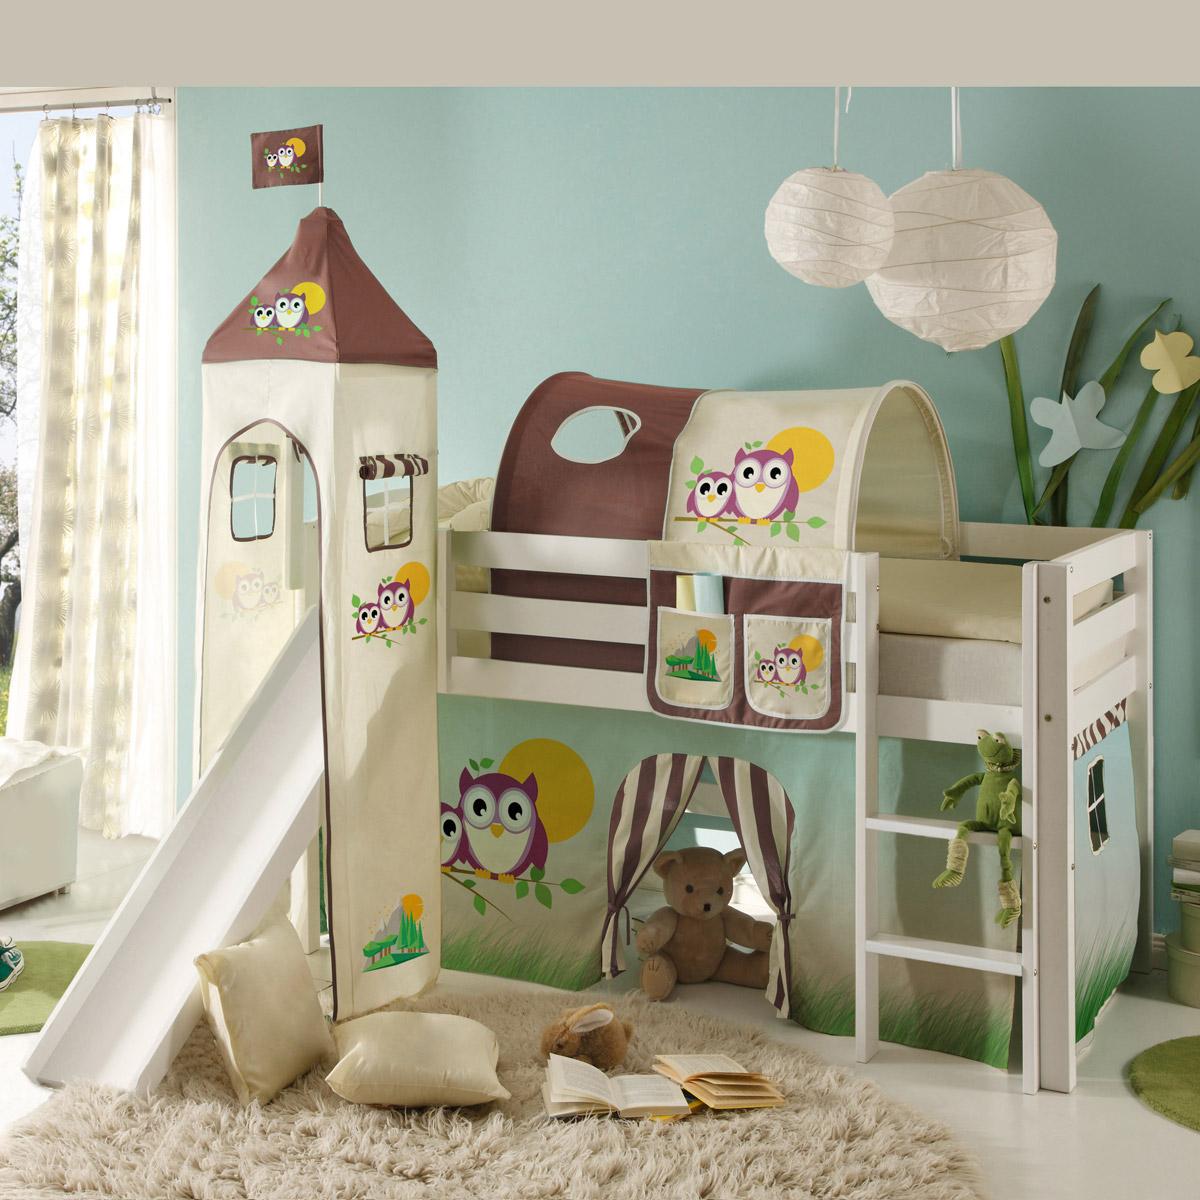 Anspruchsvoll Bett Kinderzimmer Galerie Von Etagenbett-hochbett-kinderzimmer-bett-90x200-kiefer-natur-oder-